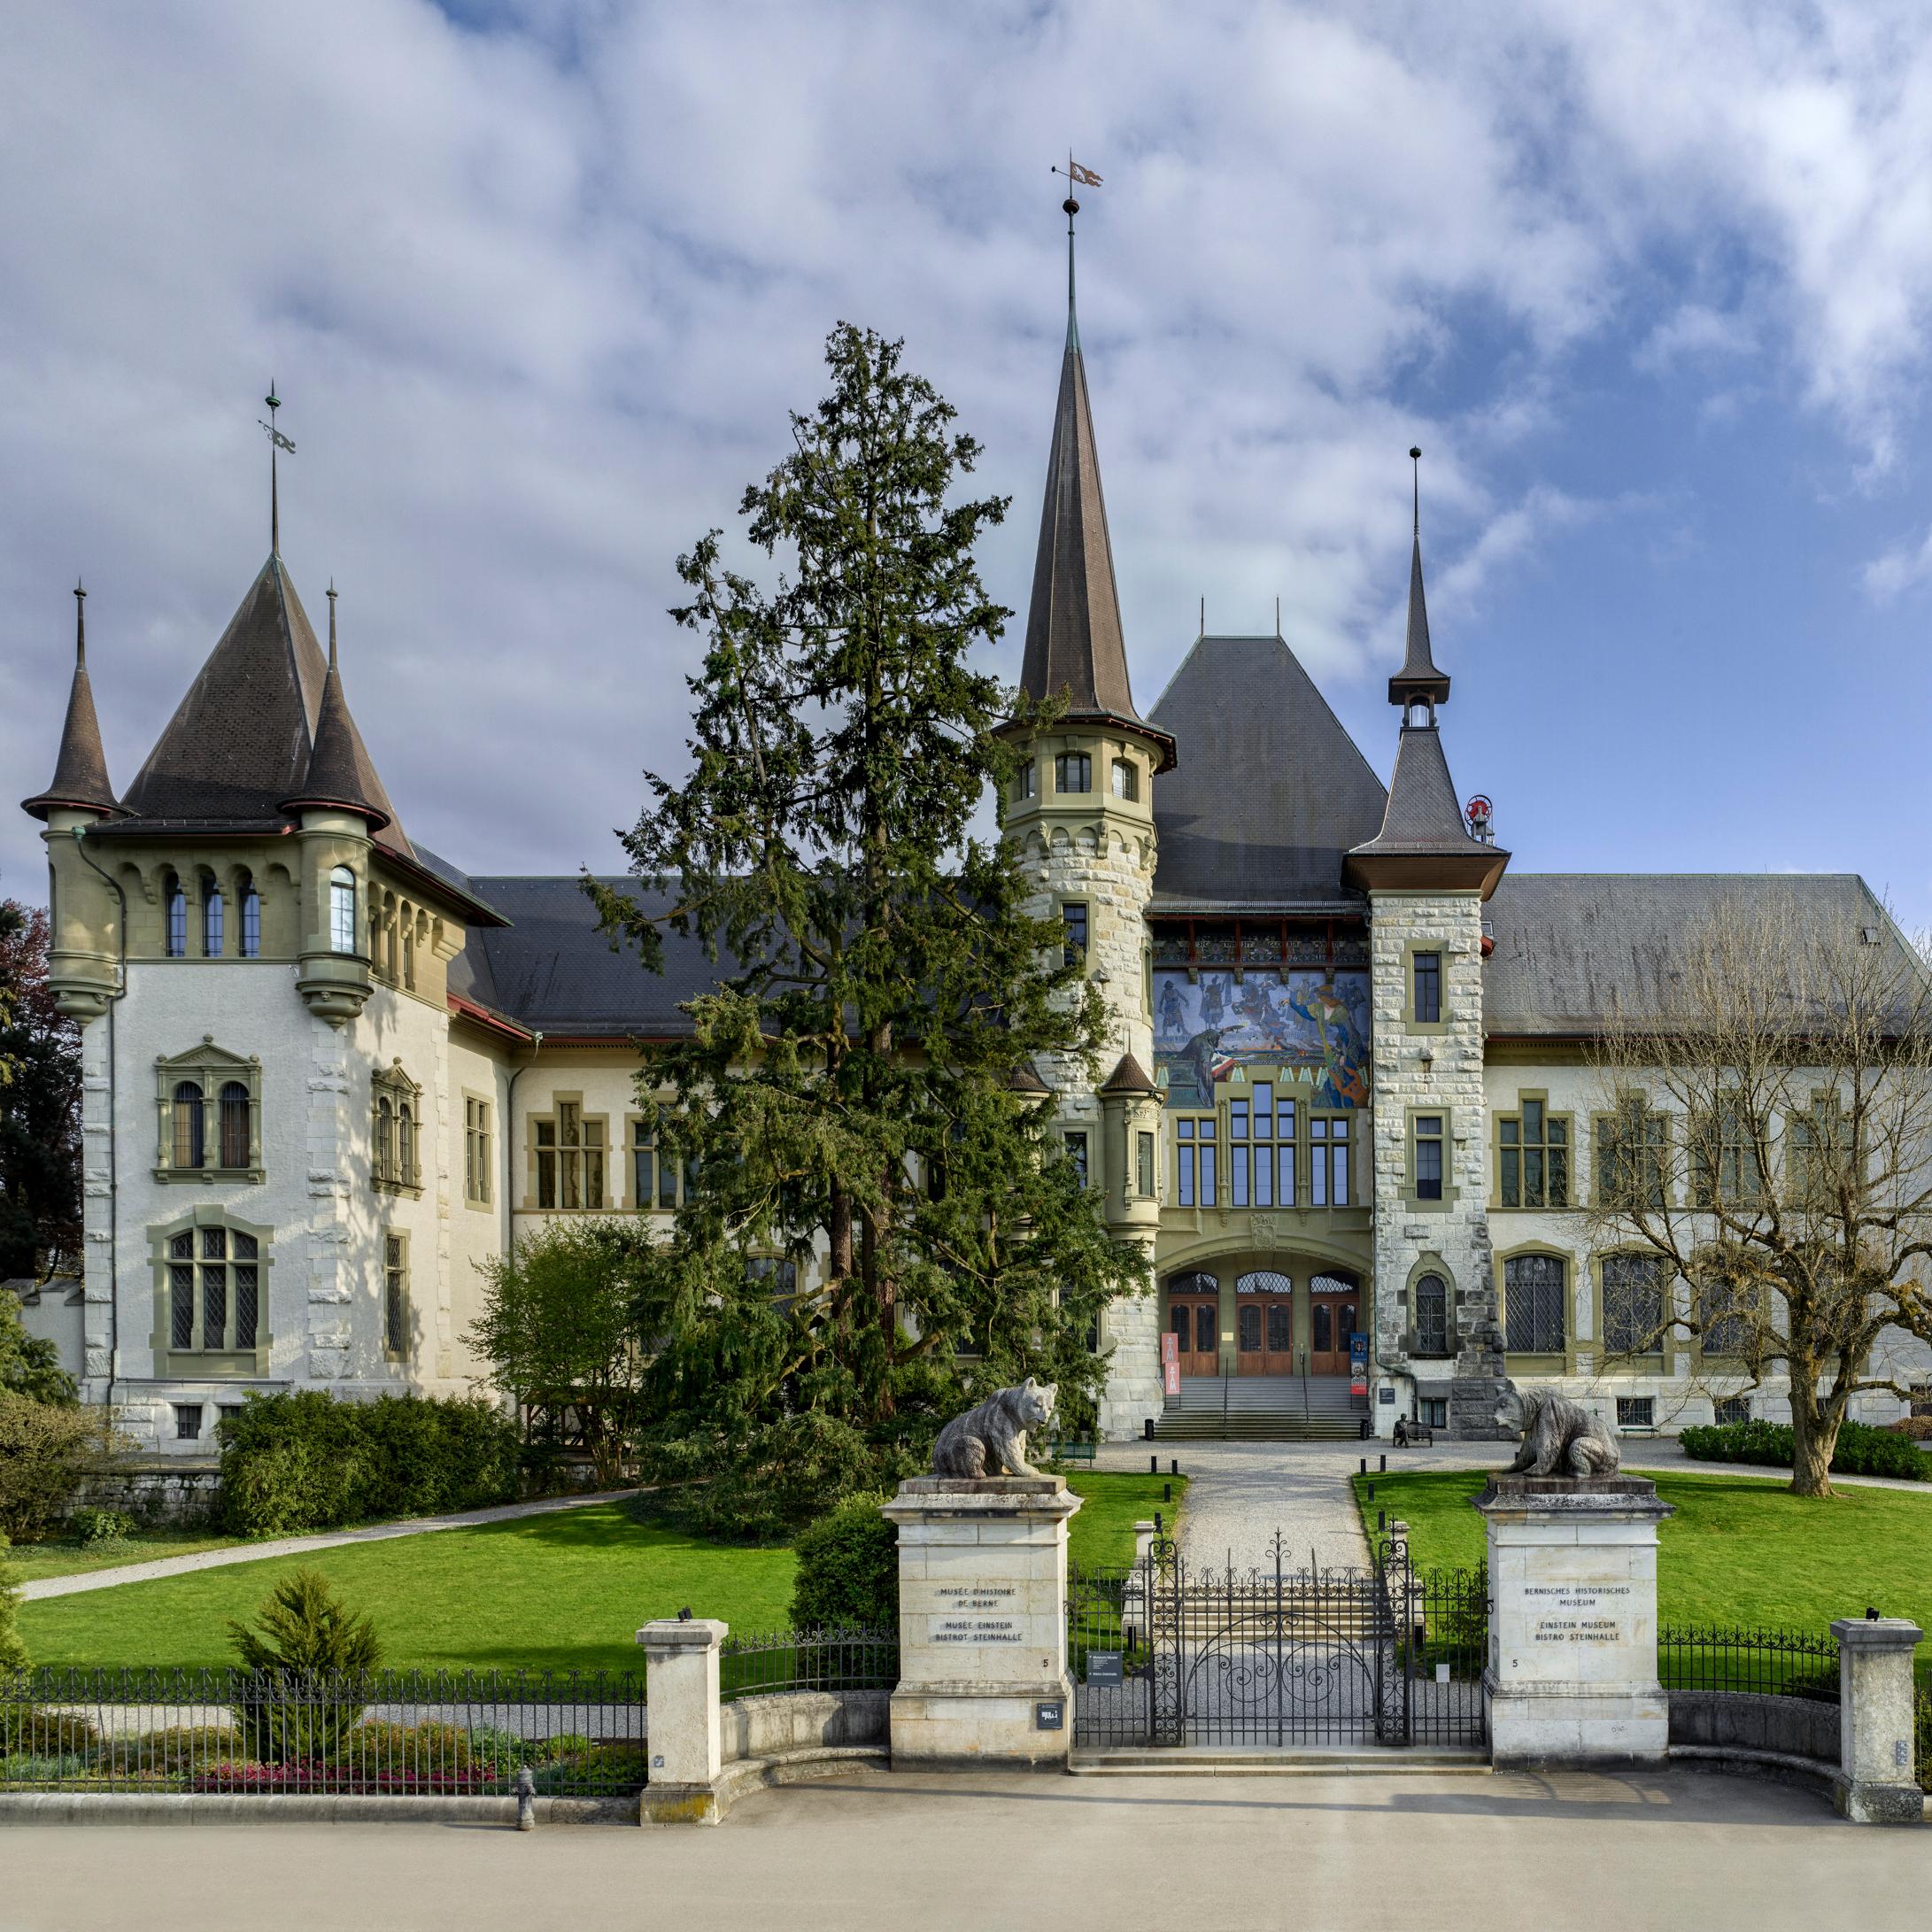 المعالم السياحية في برن سويسرا متحف بيرن التاريخي